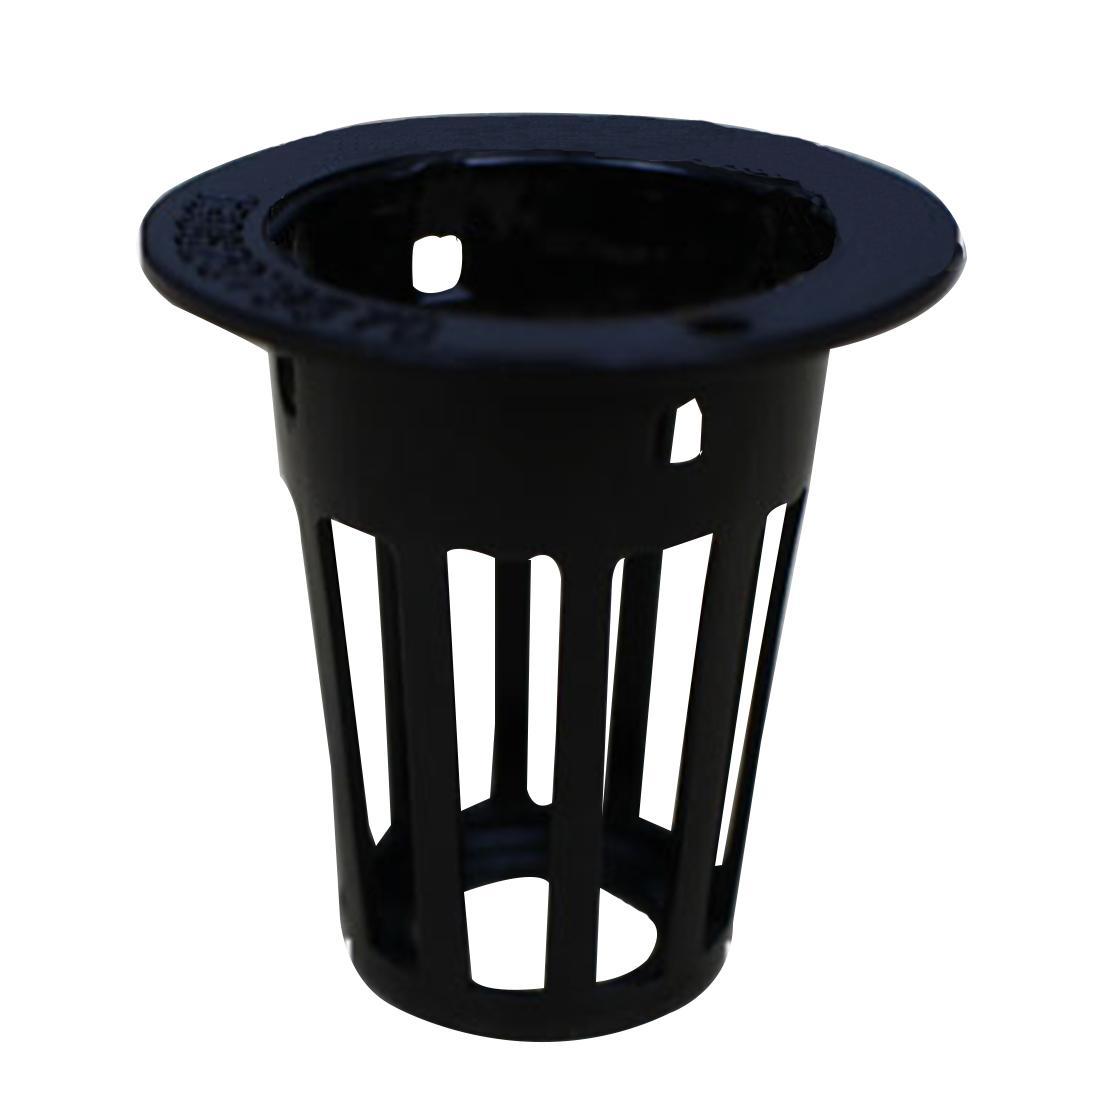 10 Teile / satz Garten Kindergarten Töpfe Wasser Soilless Kultur Pflanzkorb Halter Hydroponischen Mesh Net Pot Korb kostenloser versand